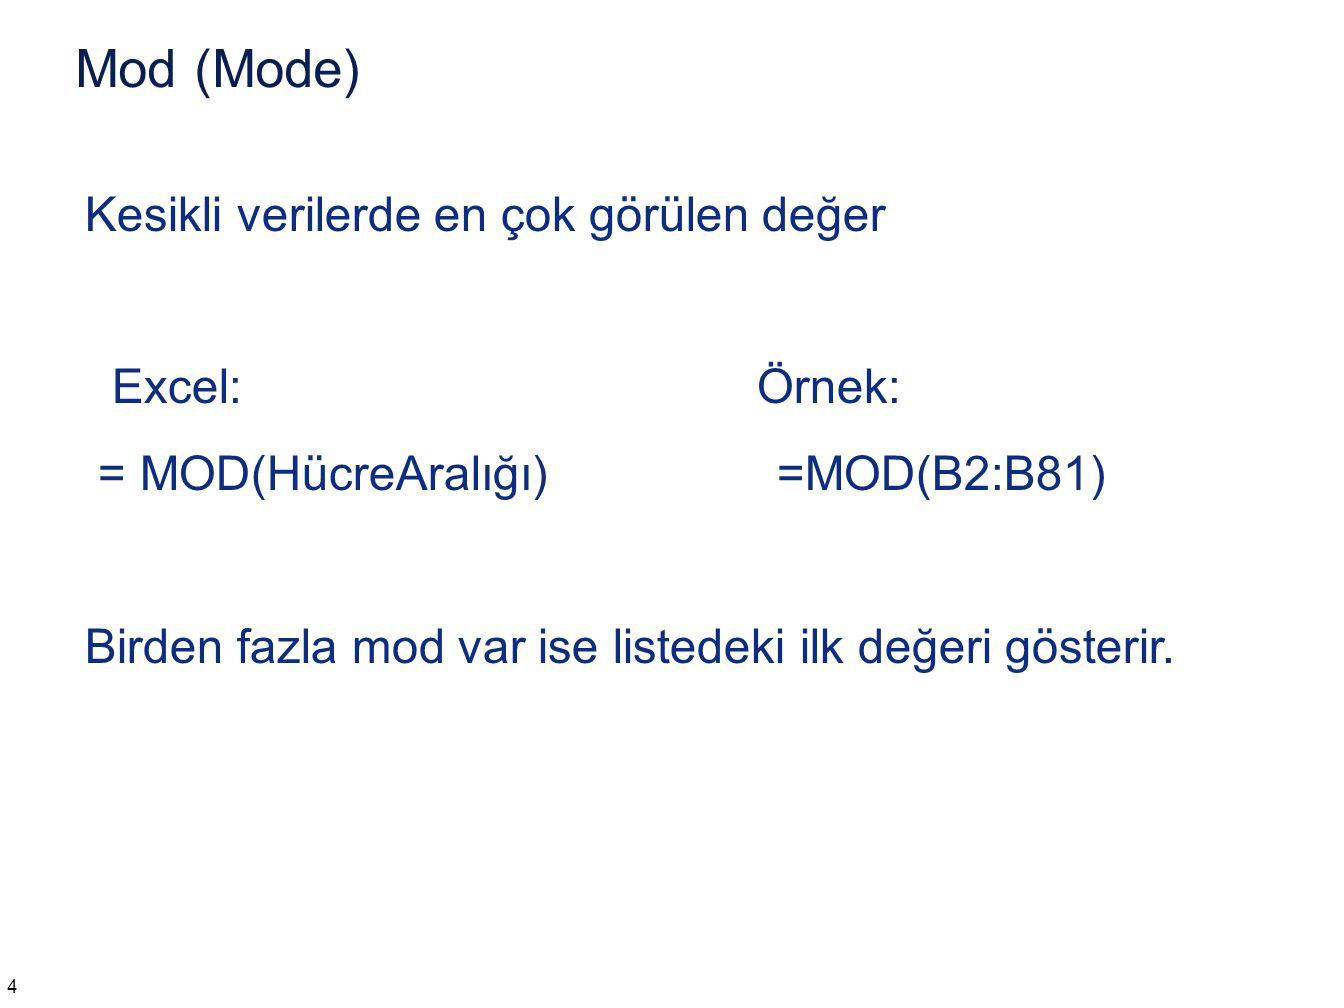 Mod (Mode) 4 Kesikli verilerde en çok görülen değer Excel:Örnek: = MOD(HücreAralığı) =MOD(B2:B81) Birden fazla mod var ise listedeki ilk değeri göster